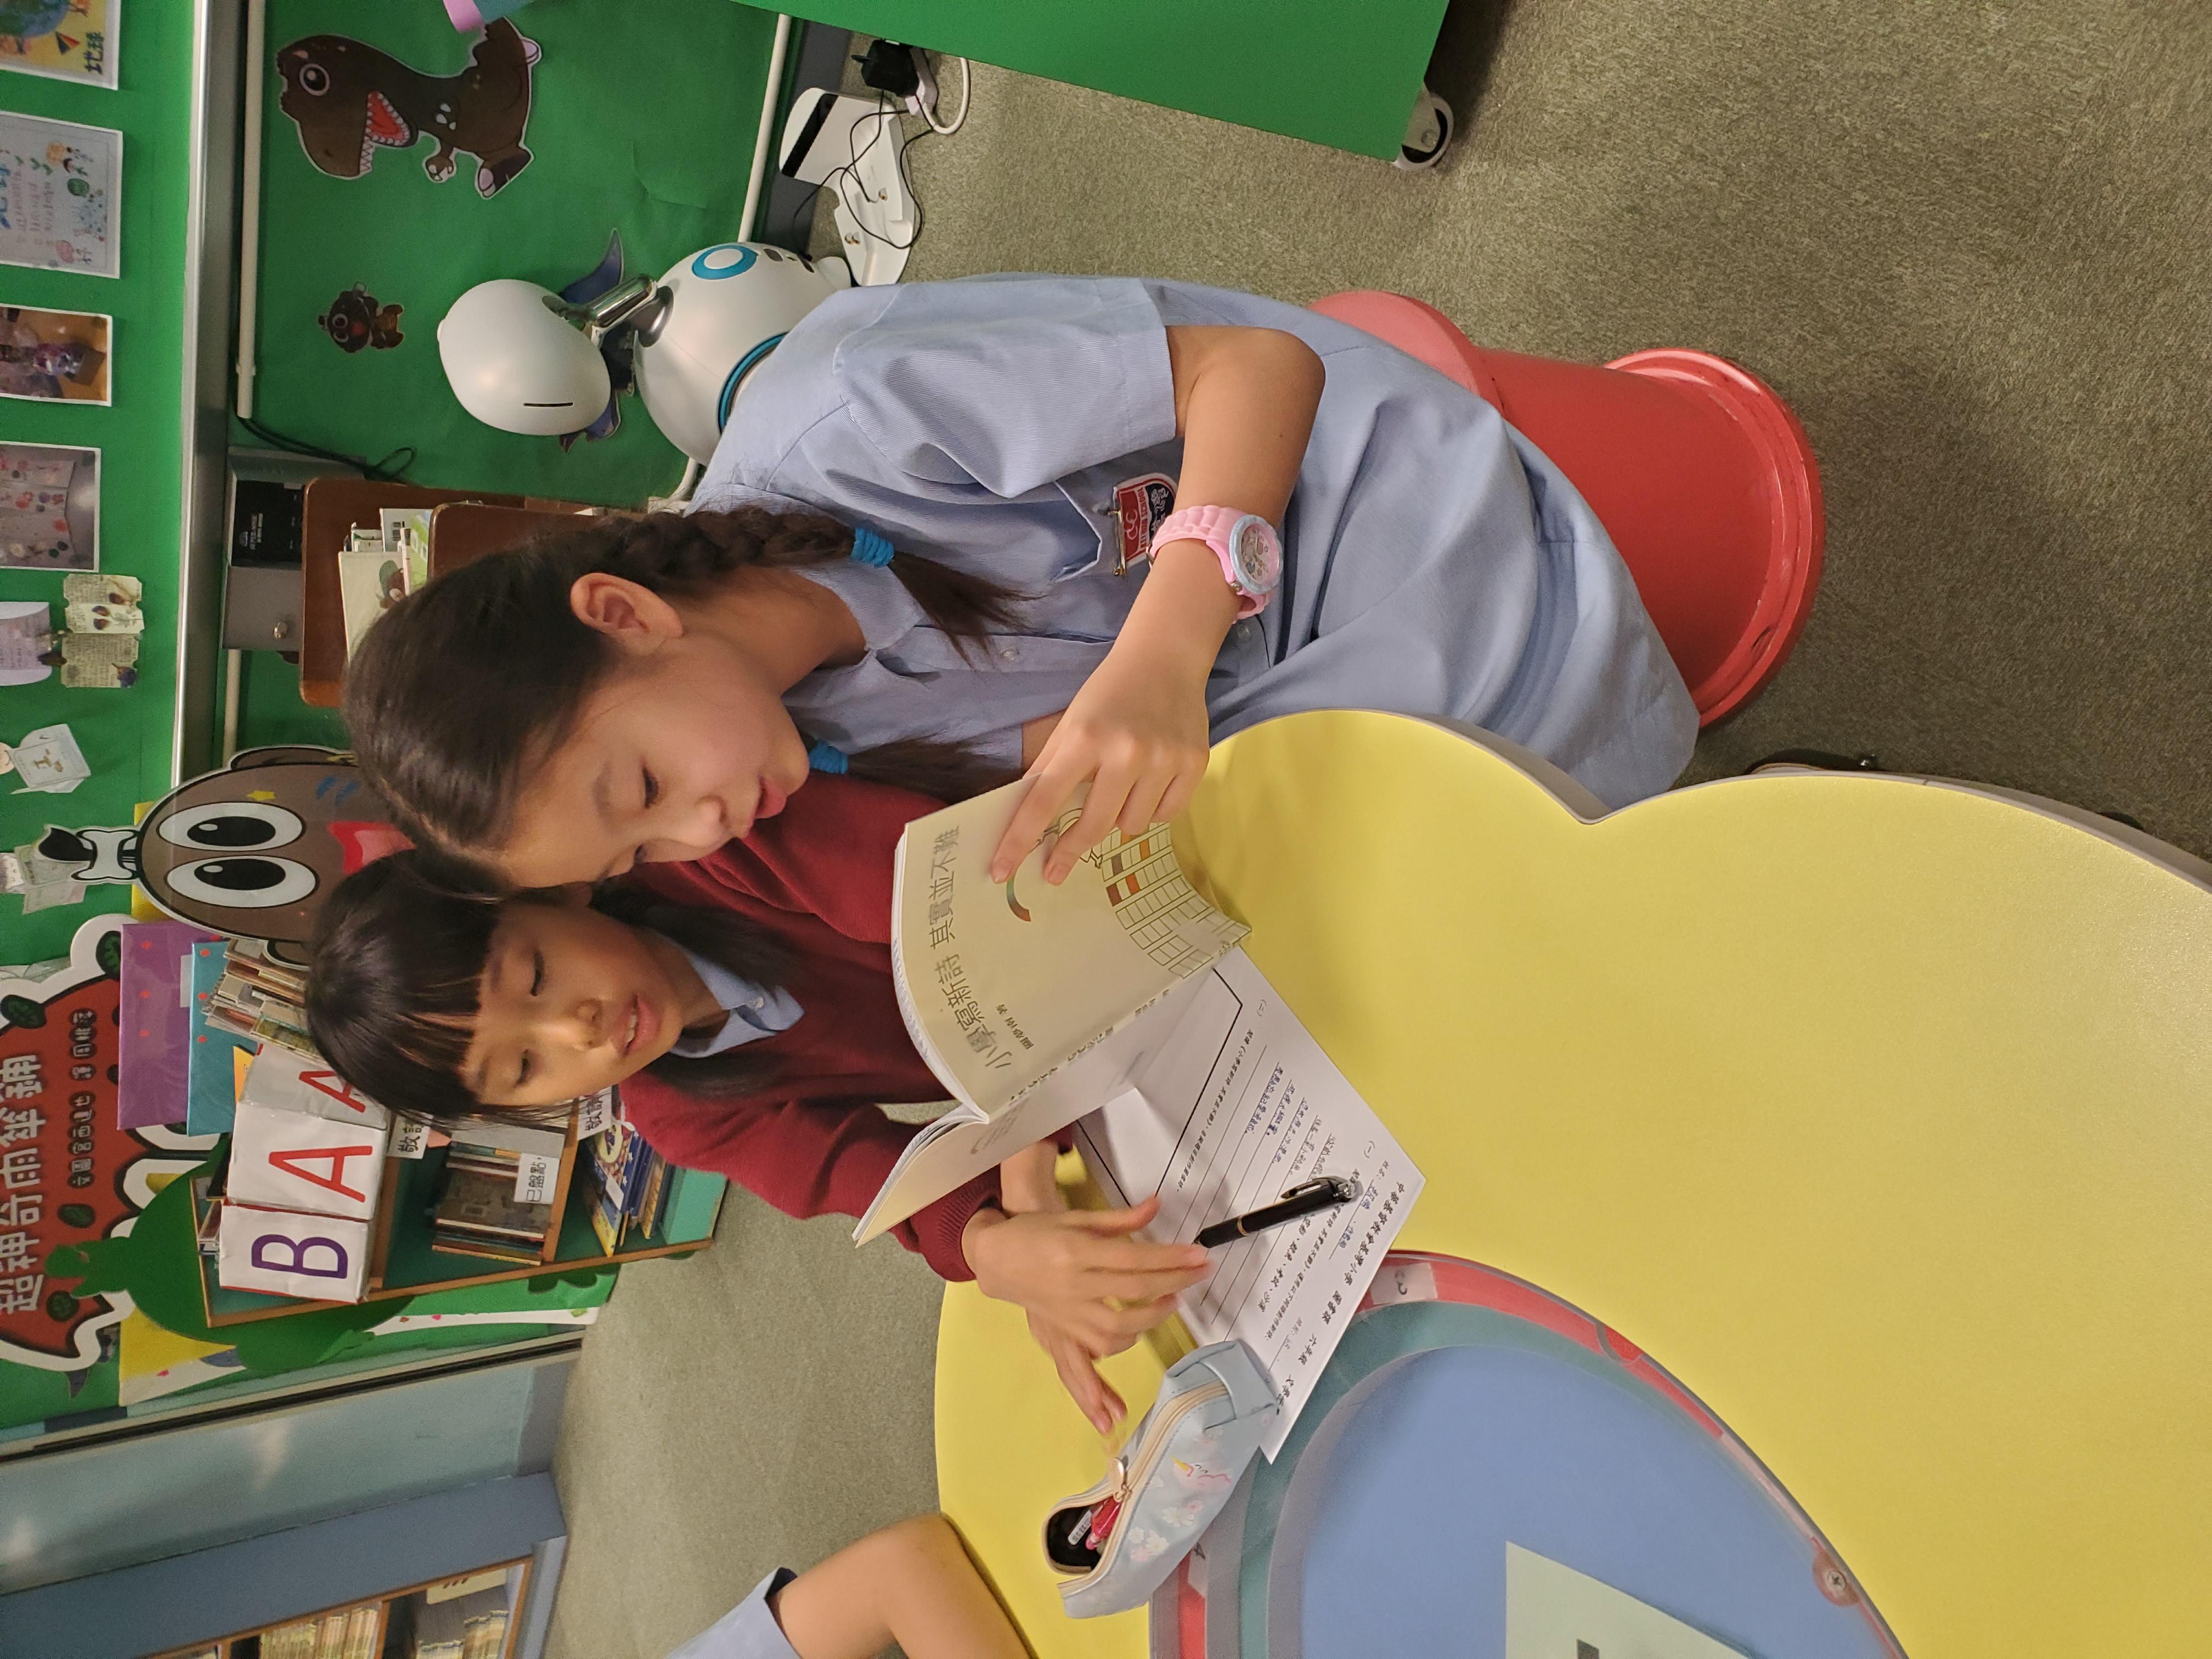 http://www.keiwan.edu.hk/sites/default/files/20191106_144043.jpg